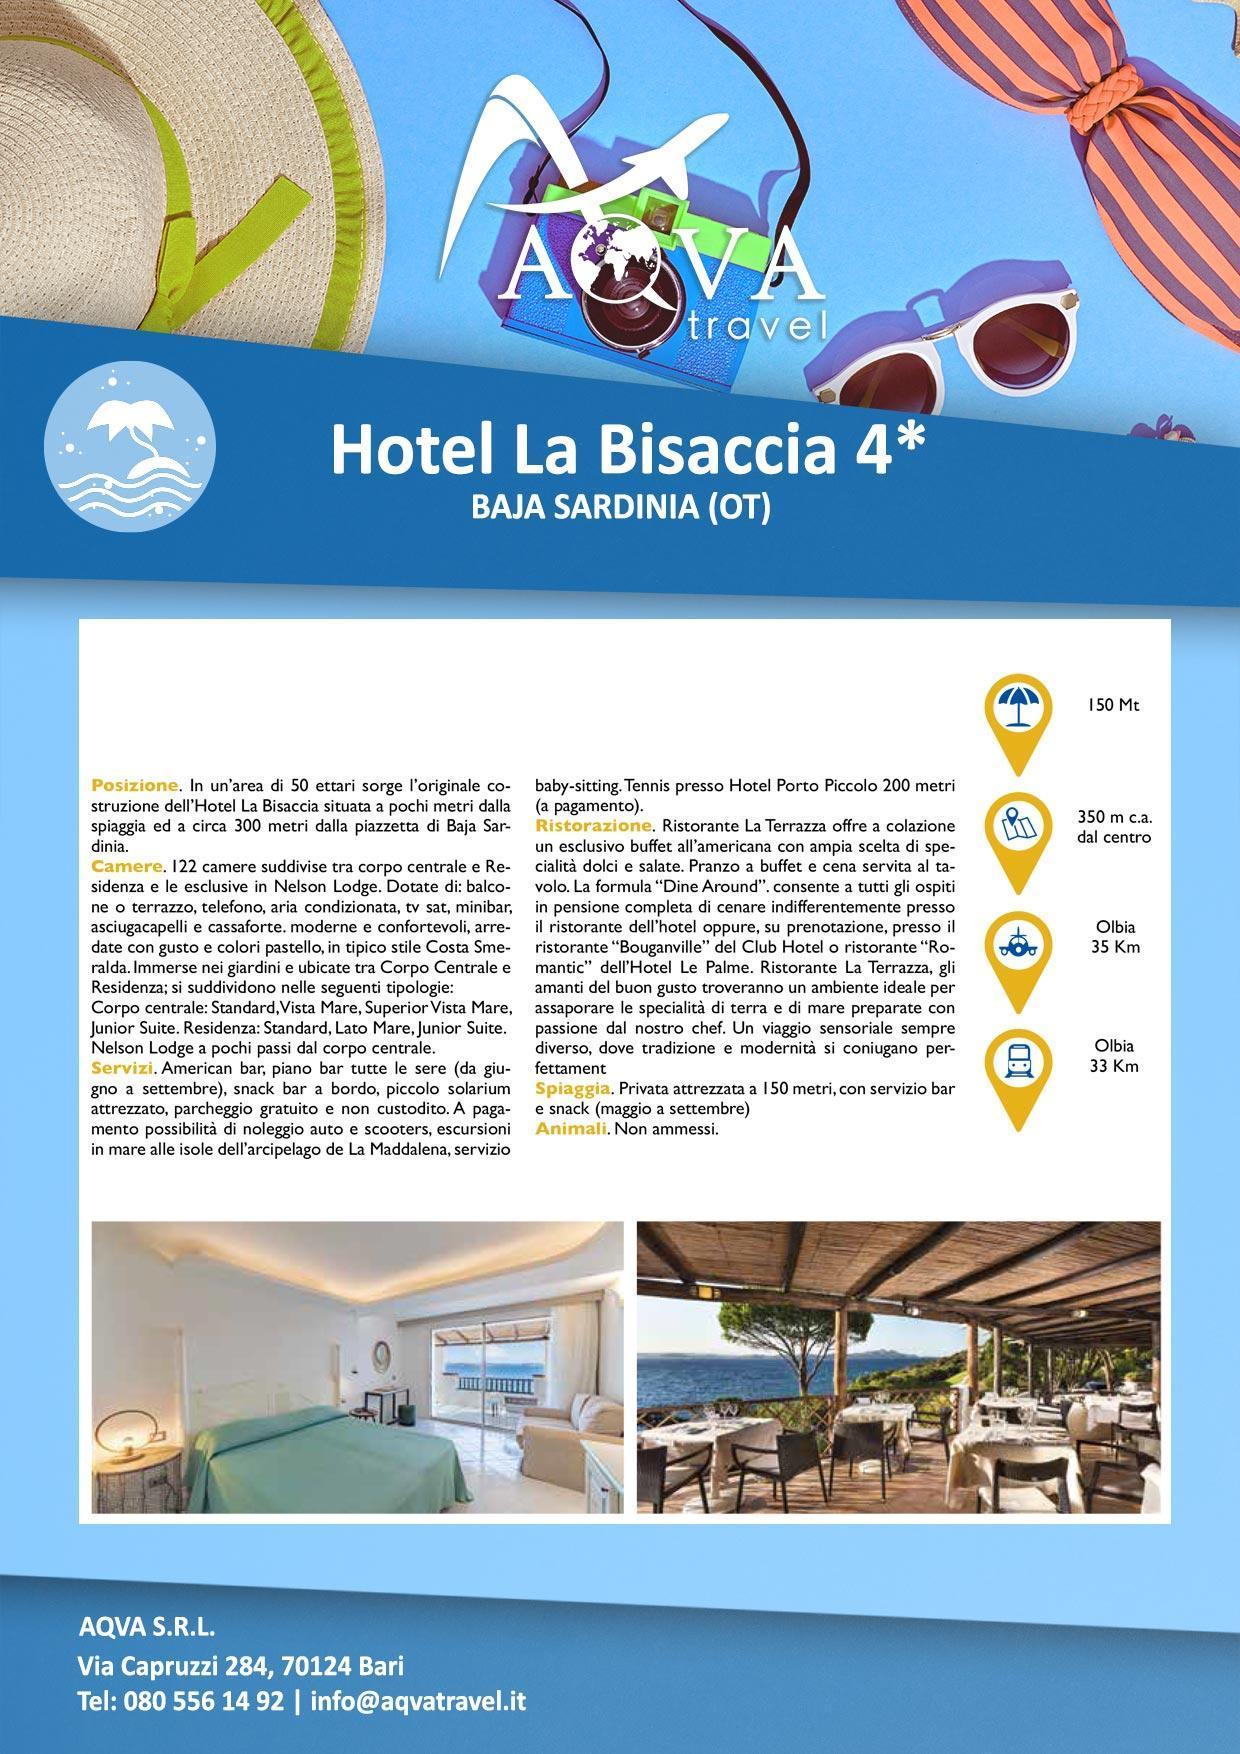 Hotel-La-Bisaccia-BAJA-SARDINIA-(OT)--Mare-offerte-agenzia-di-viaggi-Bari-AQVATRAVEL-it